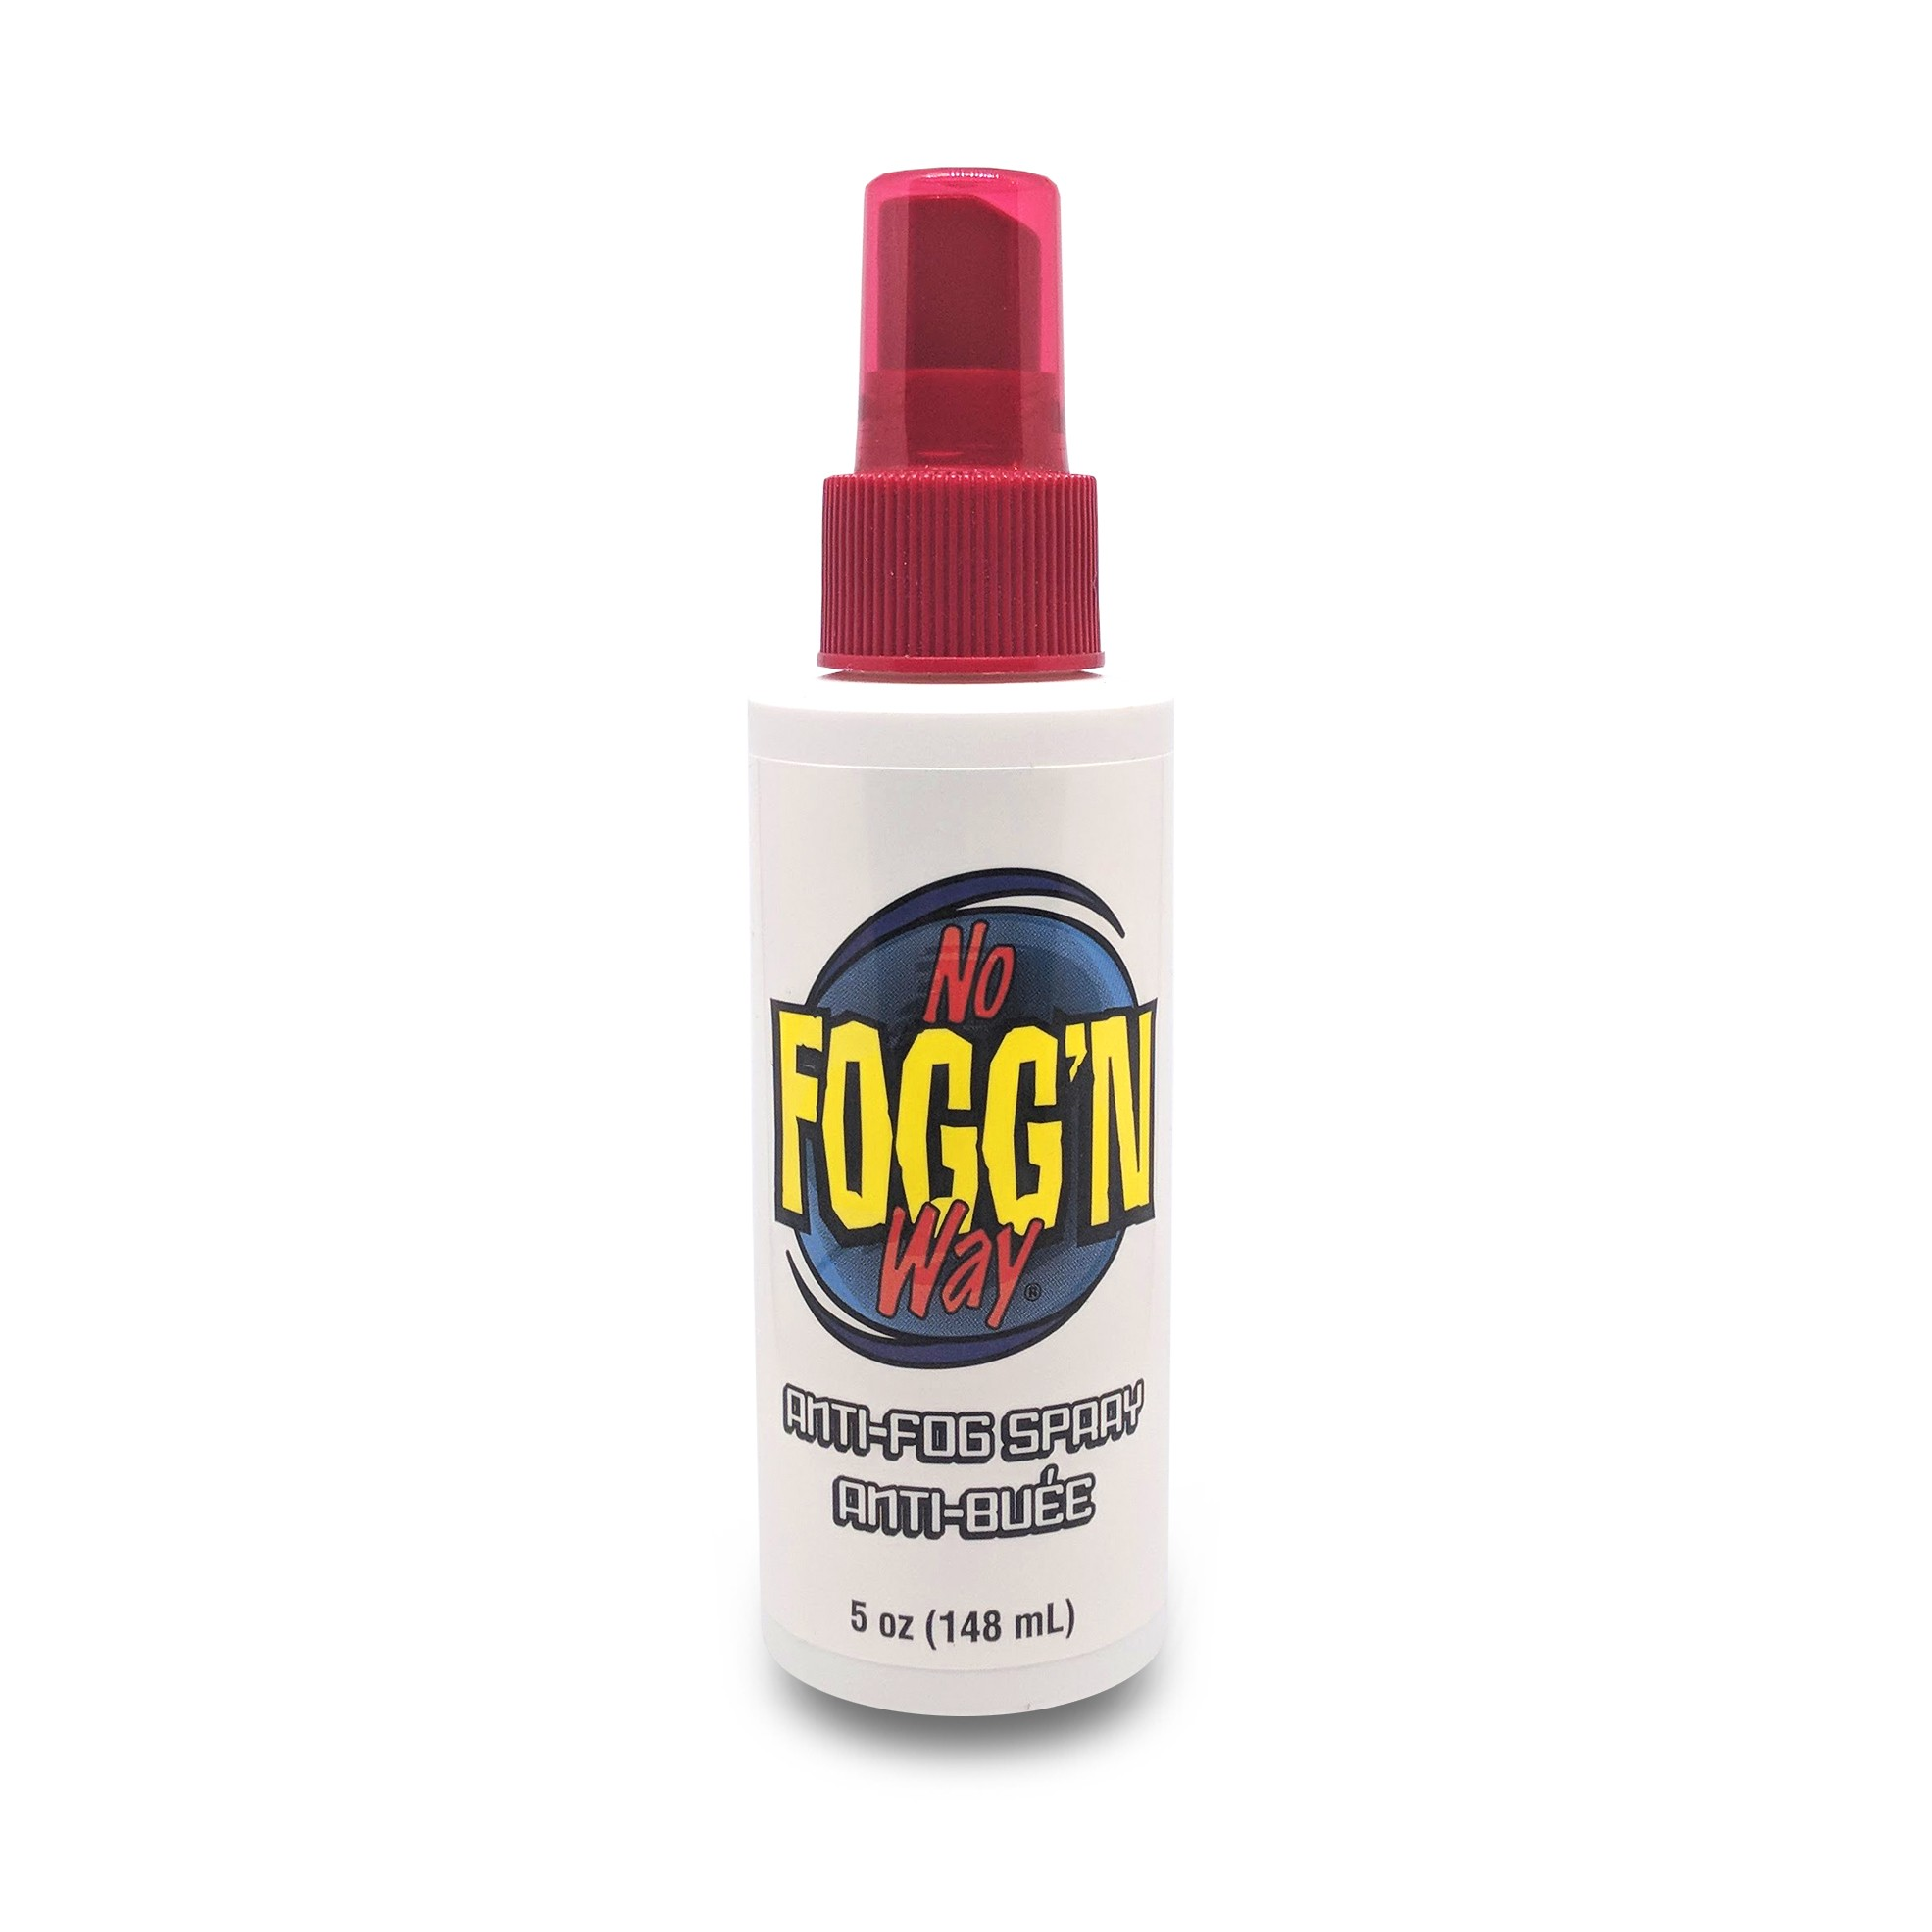 ODOR AID No Foggin Way Anti-Fog Spray